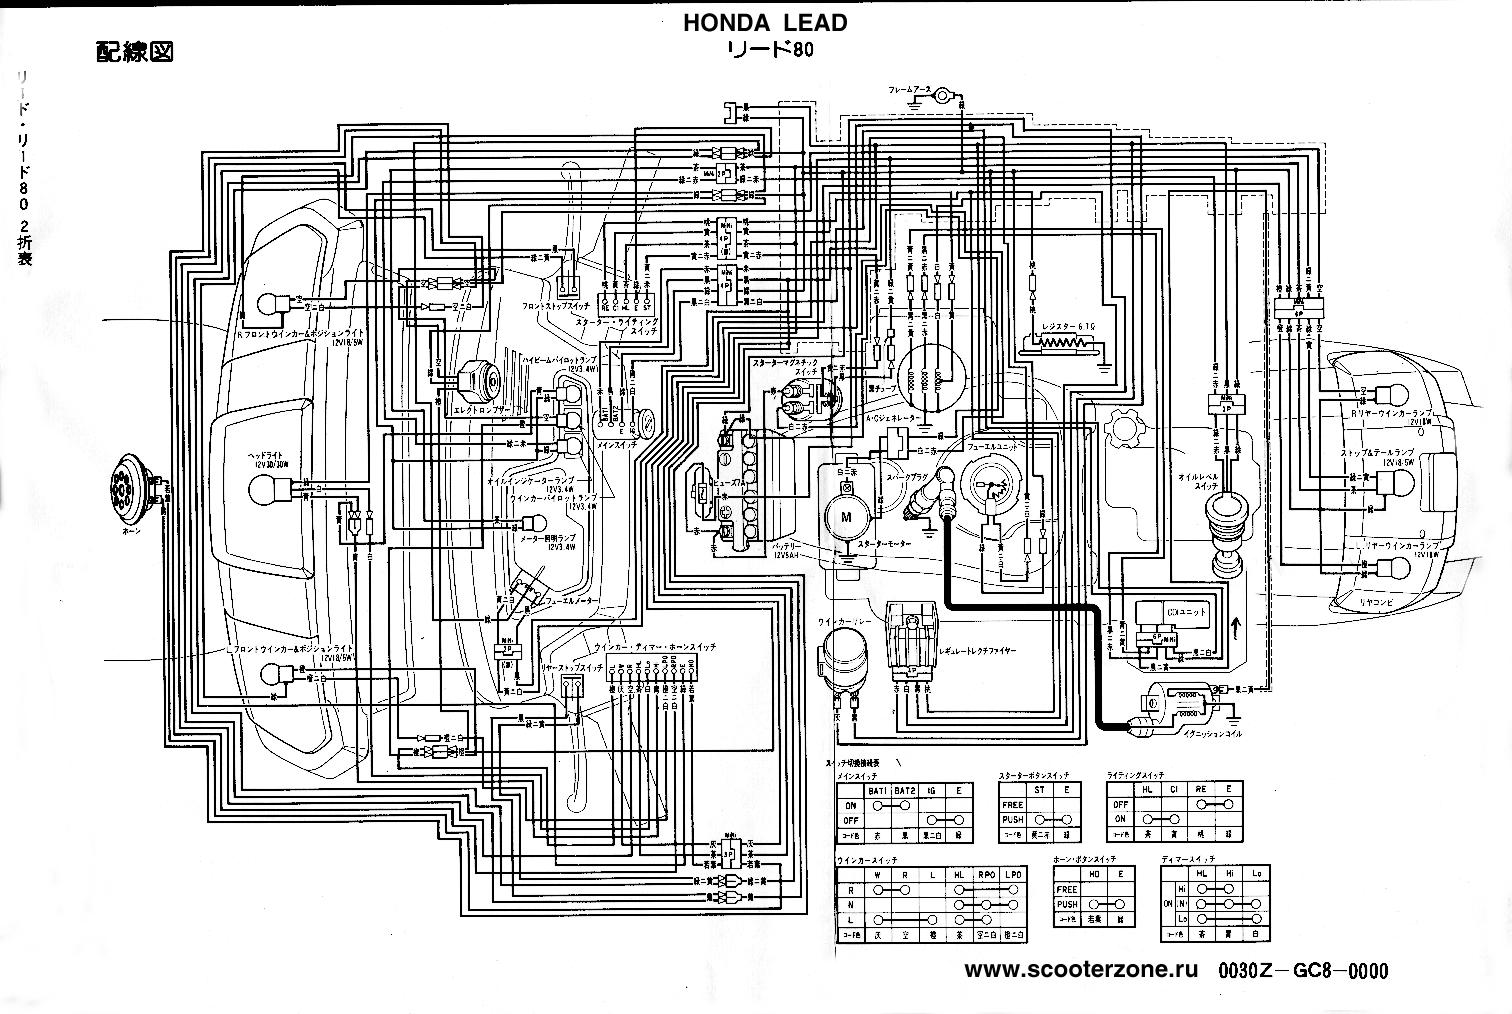 схема по ремонту Honda Lead 80.